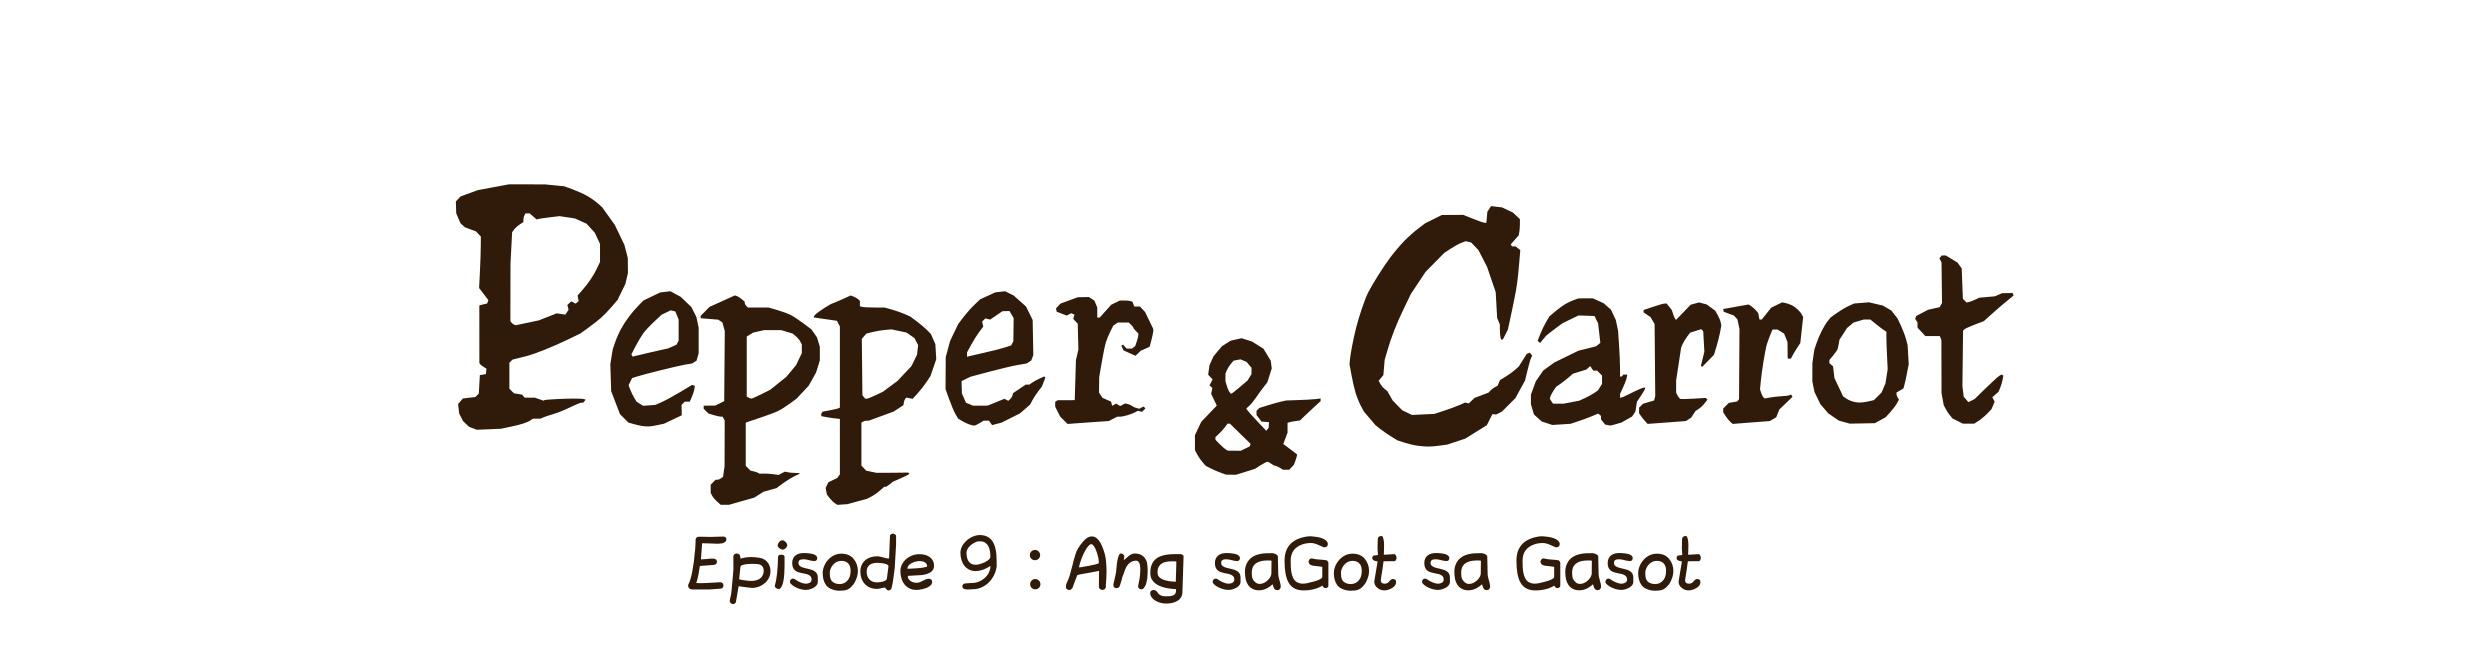 Episode 9 : Ang saGot sa Gasot